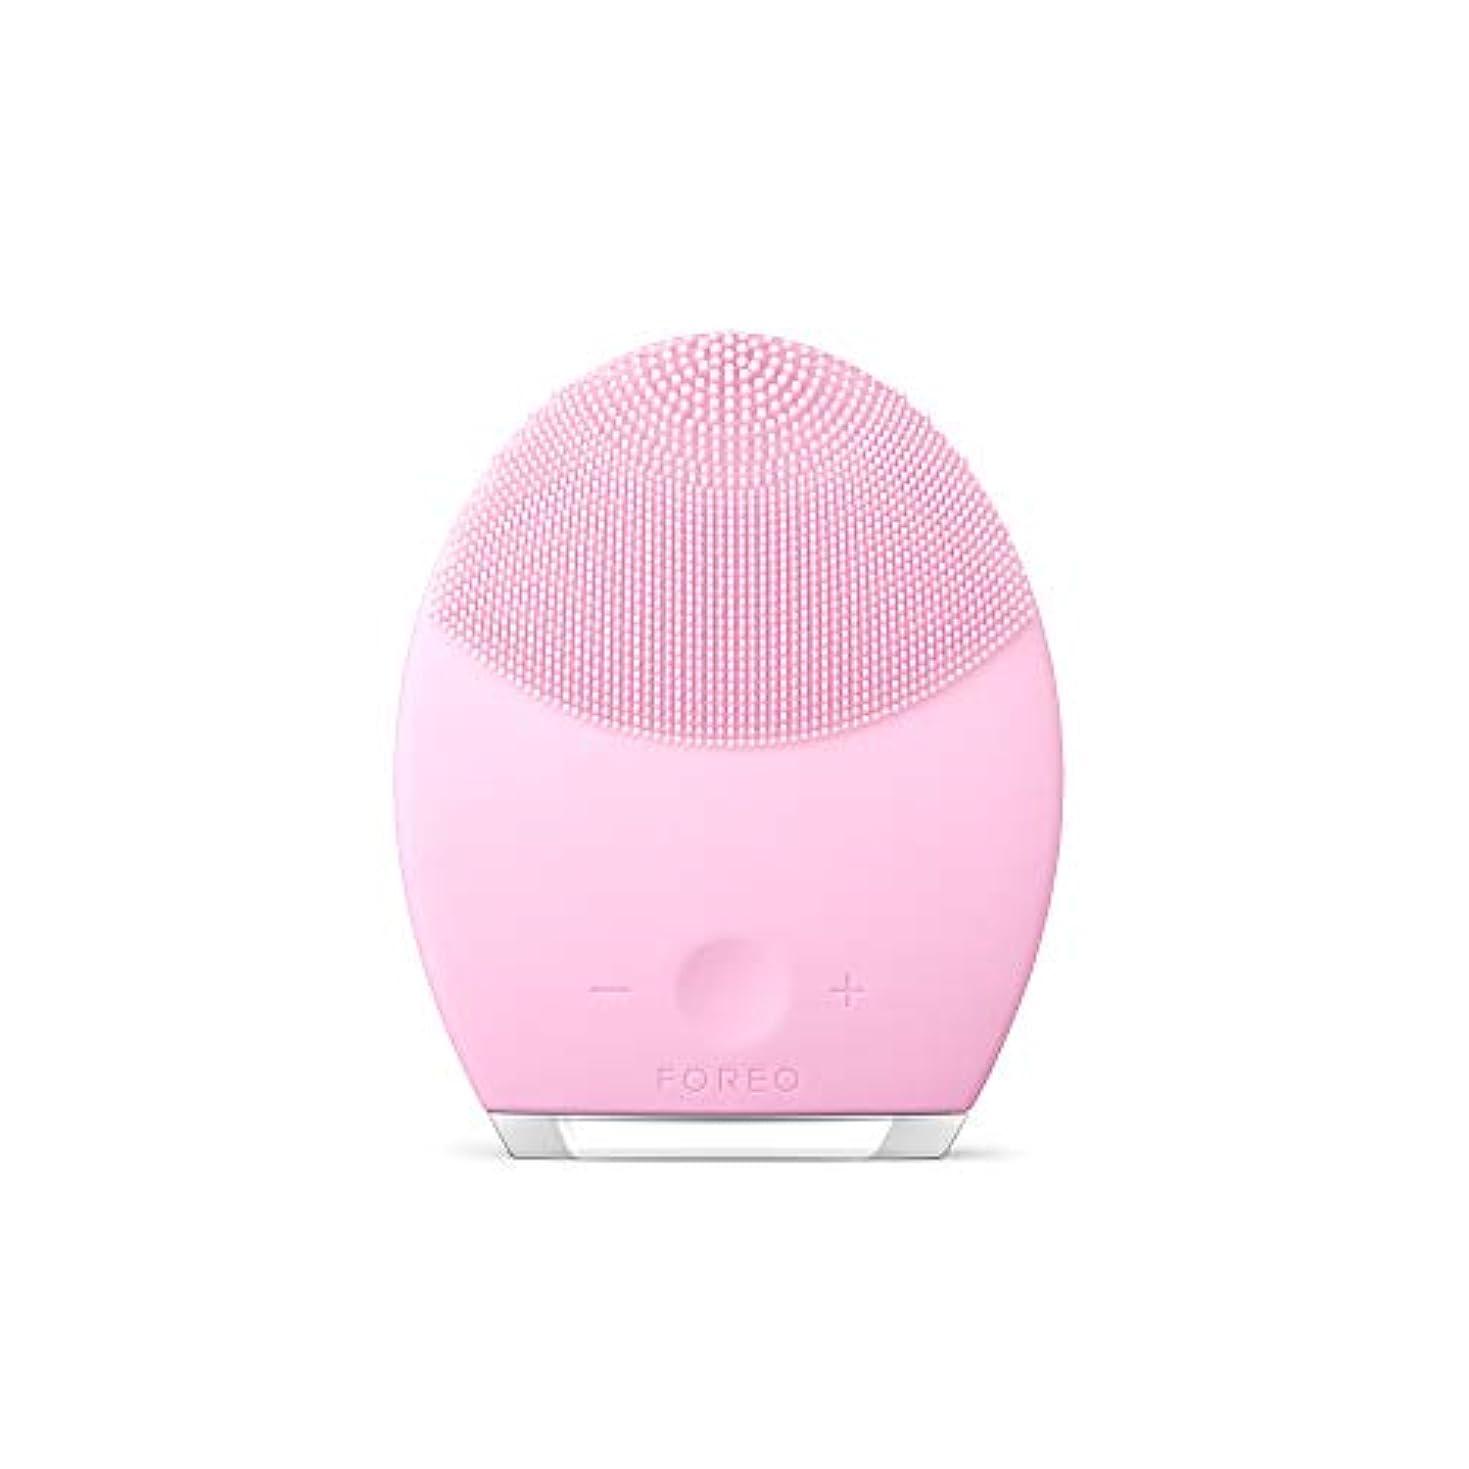 肉神話フリースFOREO LUNA 2 for ノーマルスキン 電動洗顔ブラシ シリコーン製 音波振動